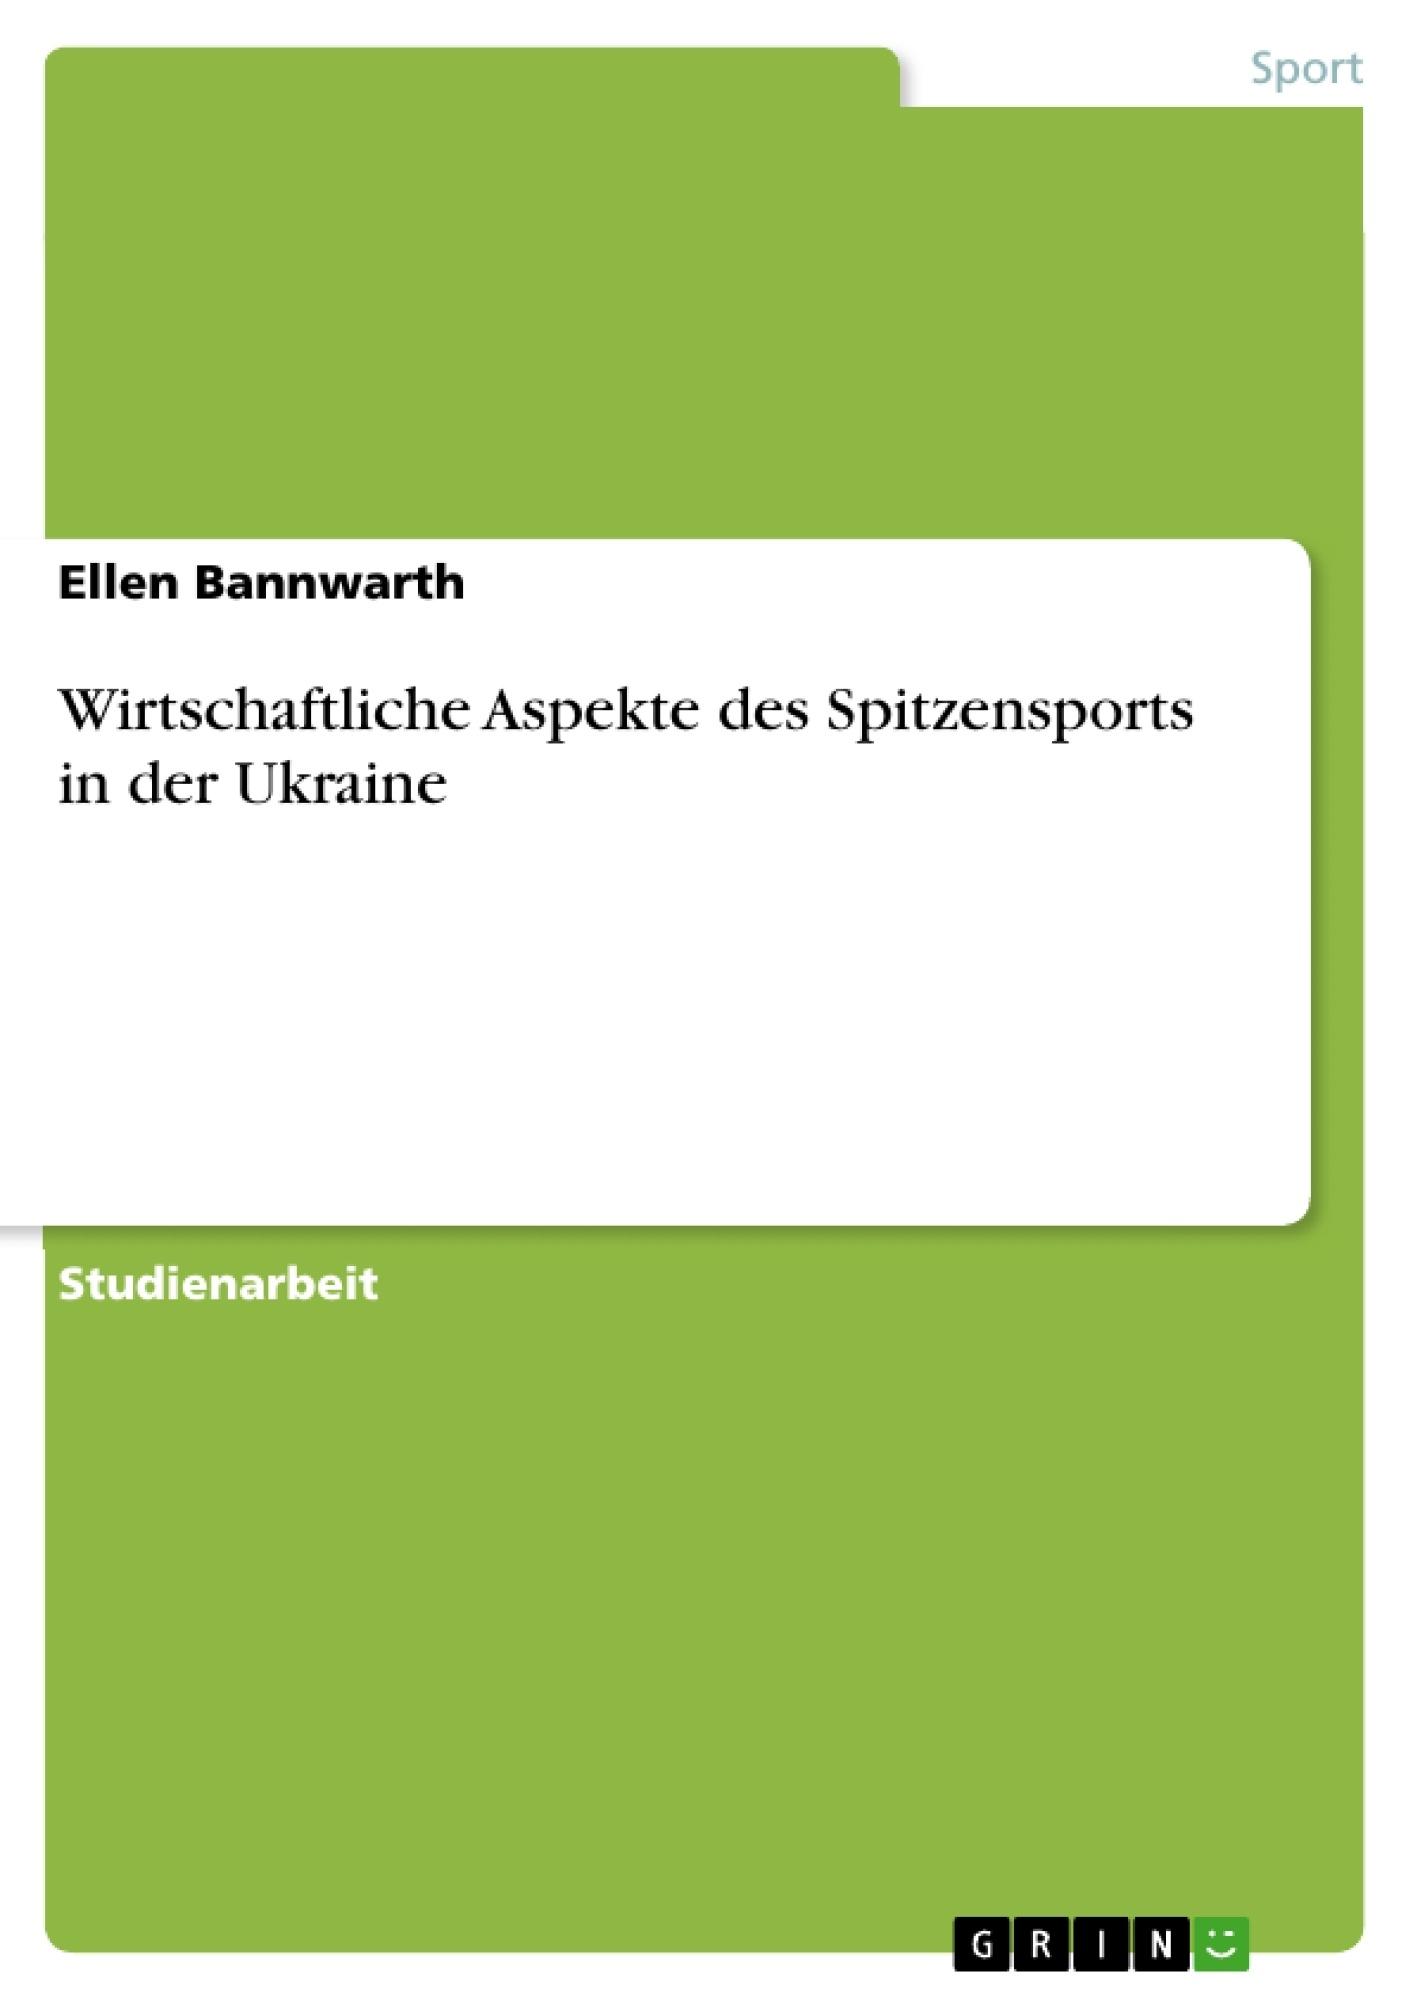 Titel: Wirtschaftliche Aspekte des Spitzensports in der Ukraine